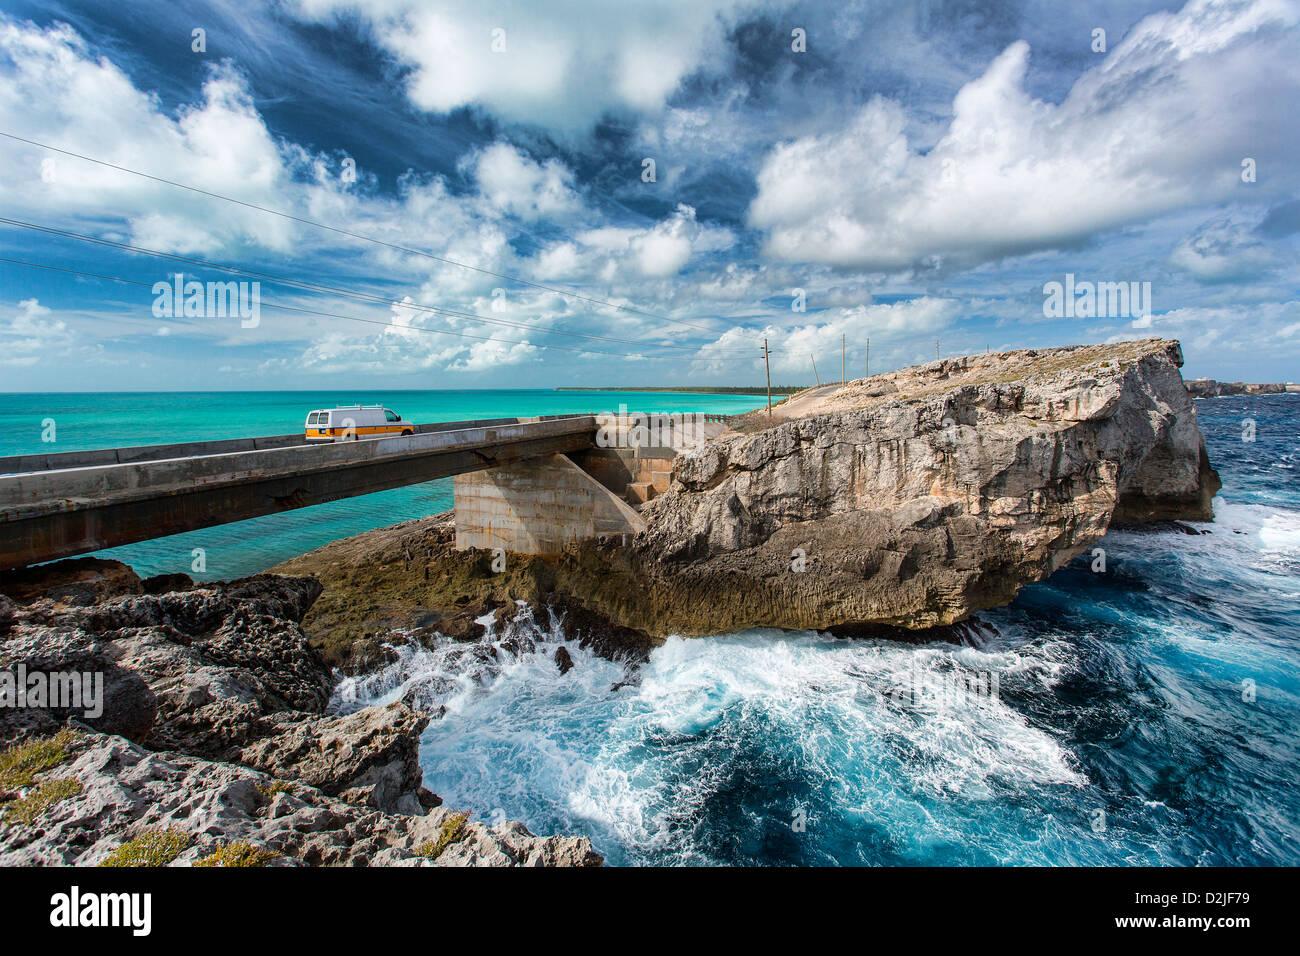 Bahamas, Île Eleuthera ,la fenêtre de verre Bridge Photo Stock